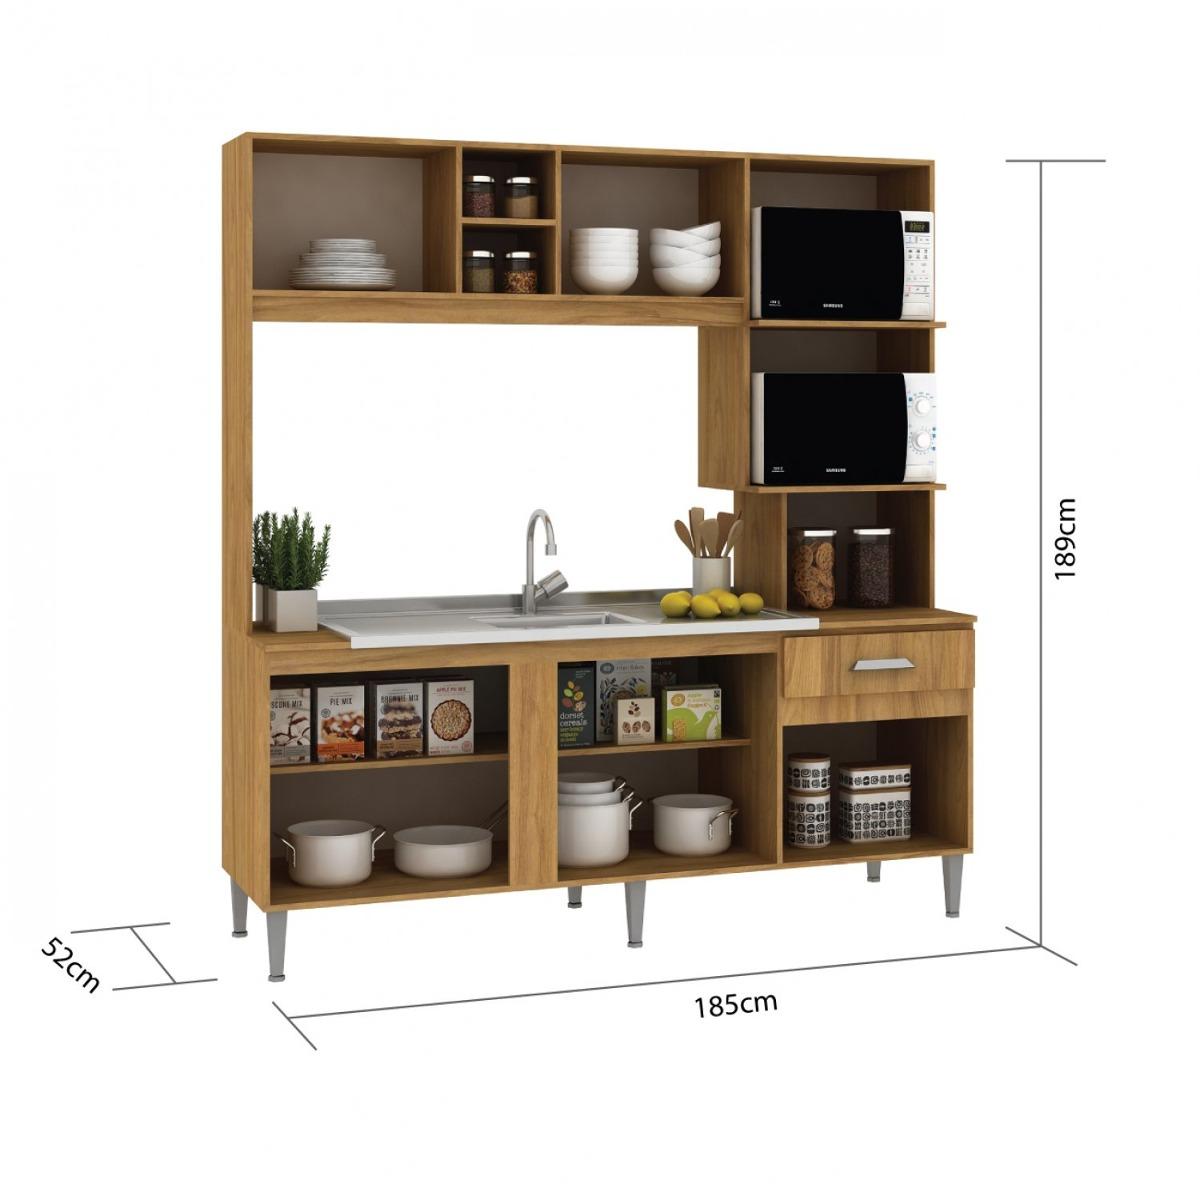 Cozinha Compacta Sem Pia E Tampo 5 Portas 1 Gaveta Ja R 559 90 Em